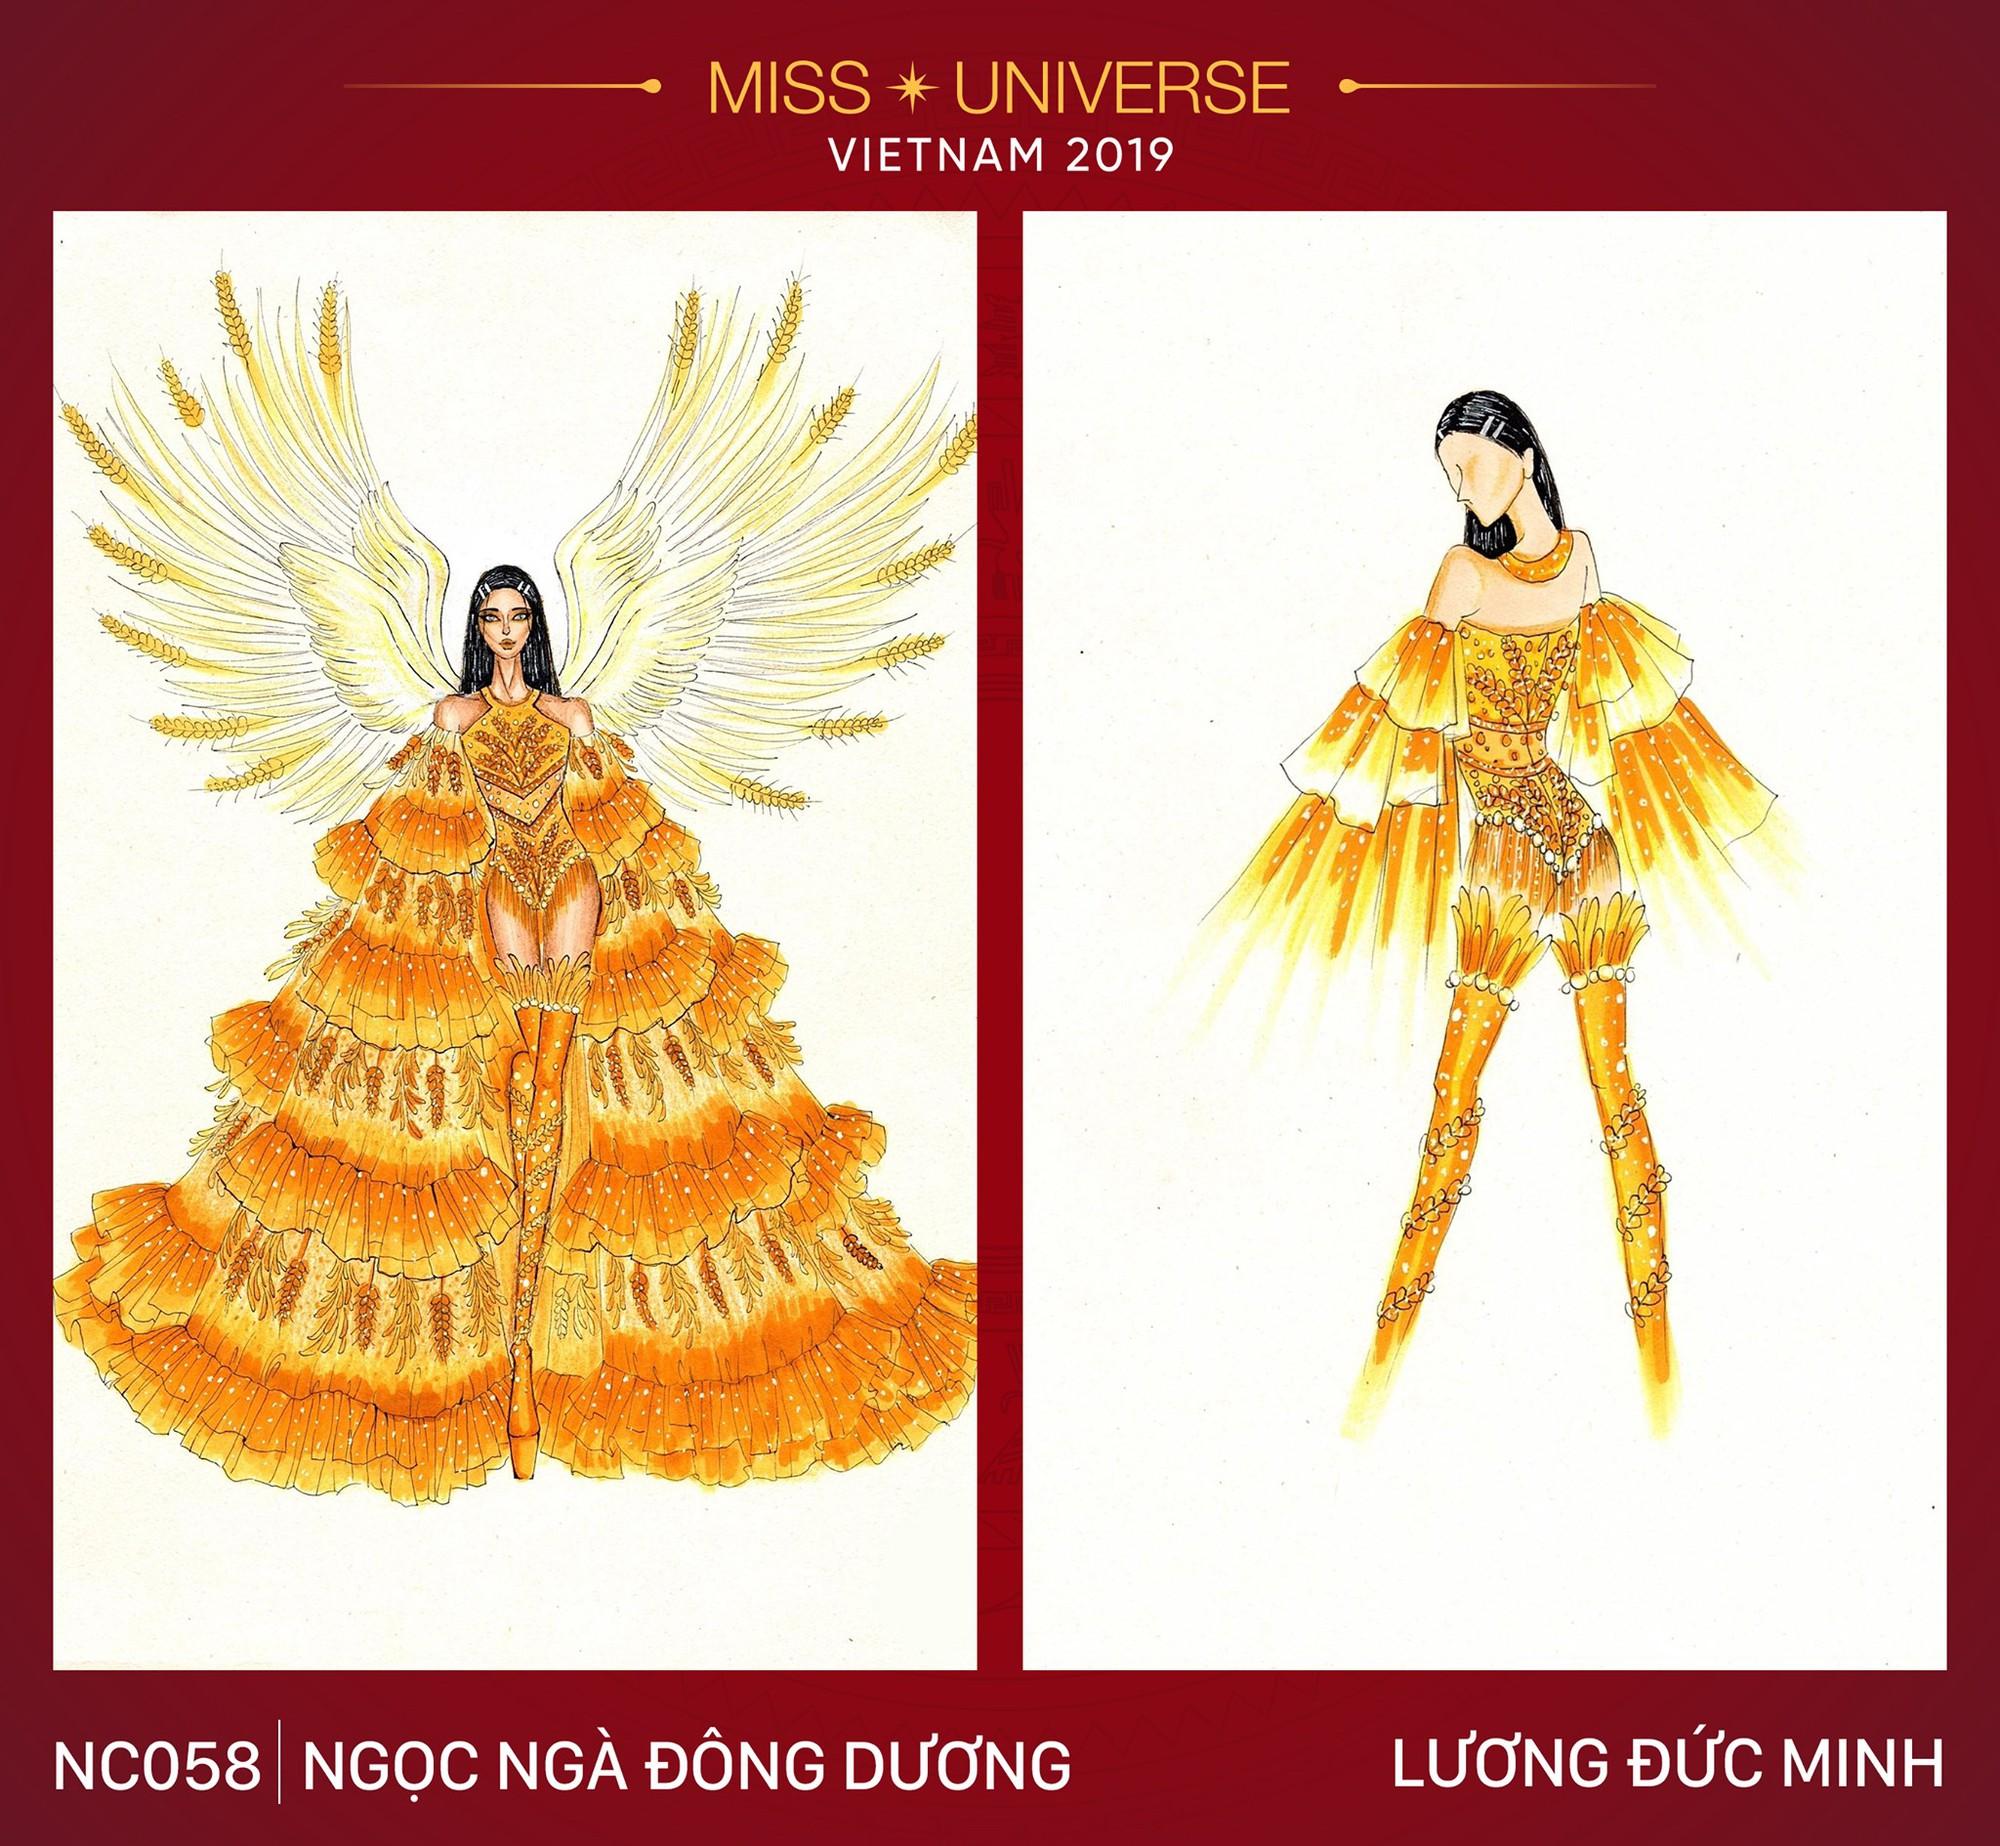 15 ý tưởng táo bạo dễ khiến Hoàng Thùy lọt Top tại Miss Universe 2019 - Ảnh 14.